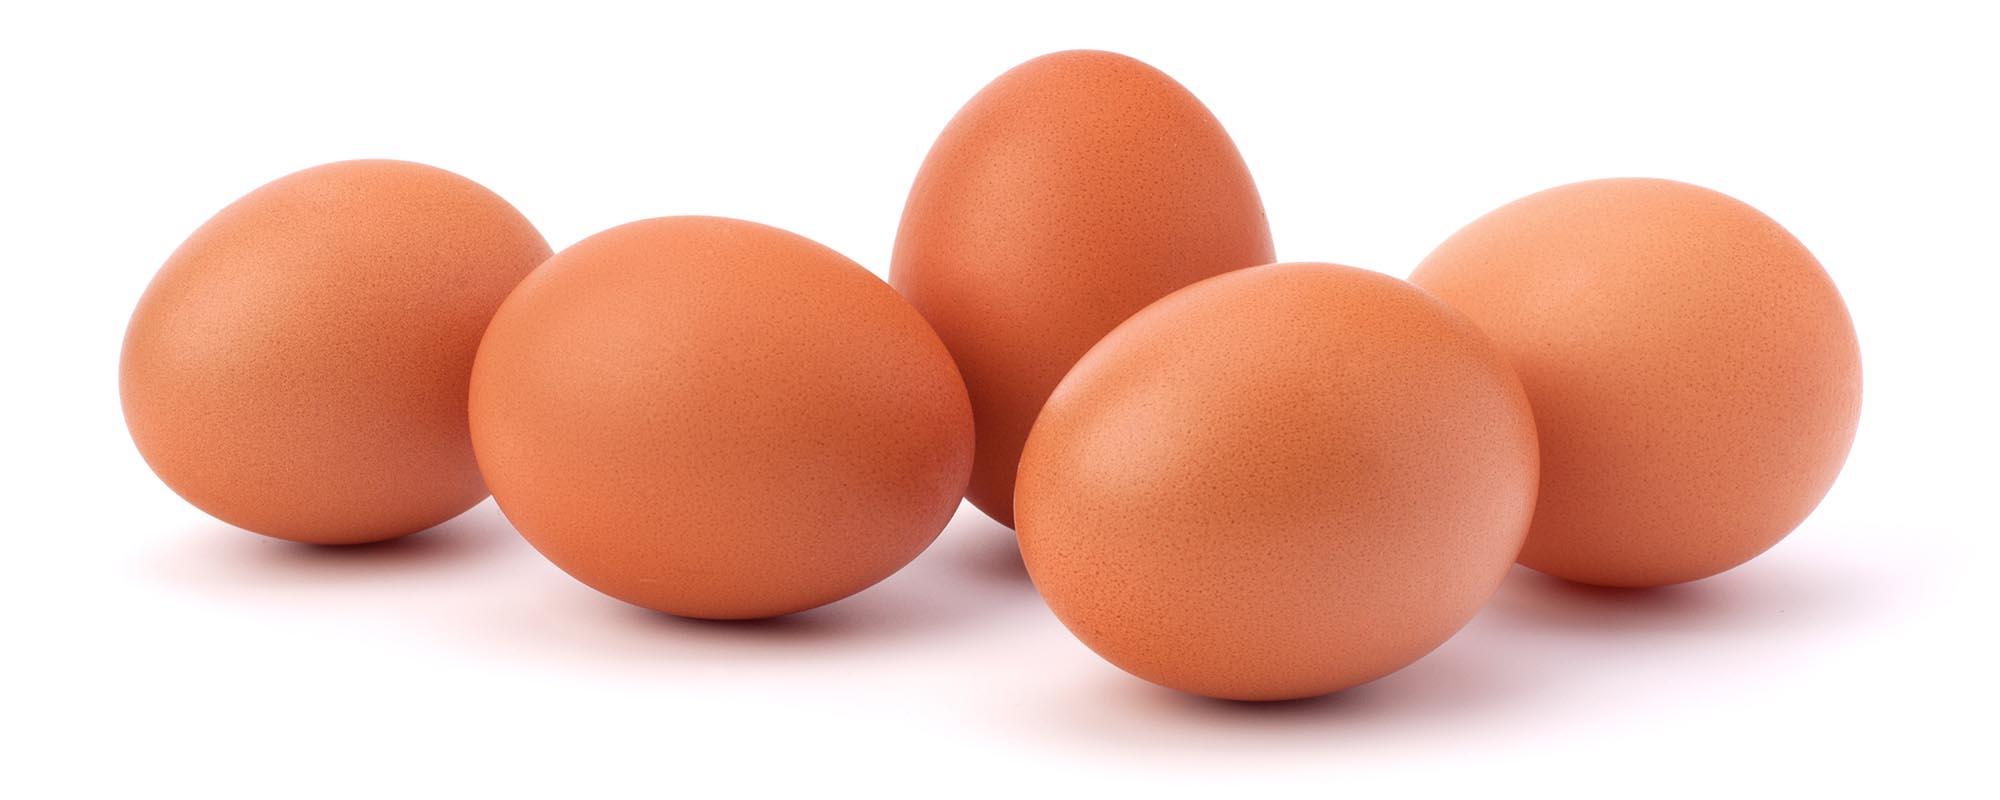 cinco ovos lado a lado.